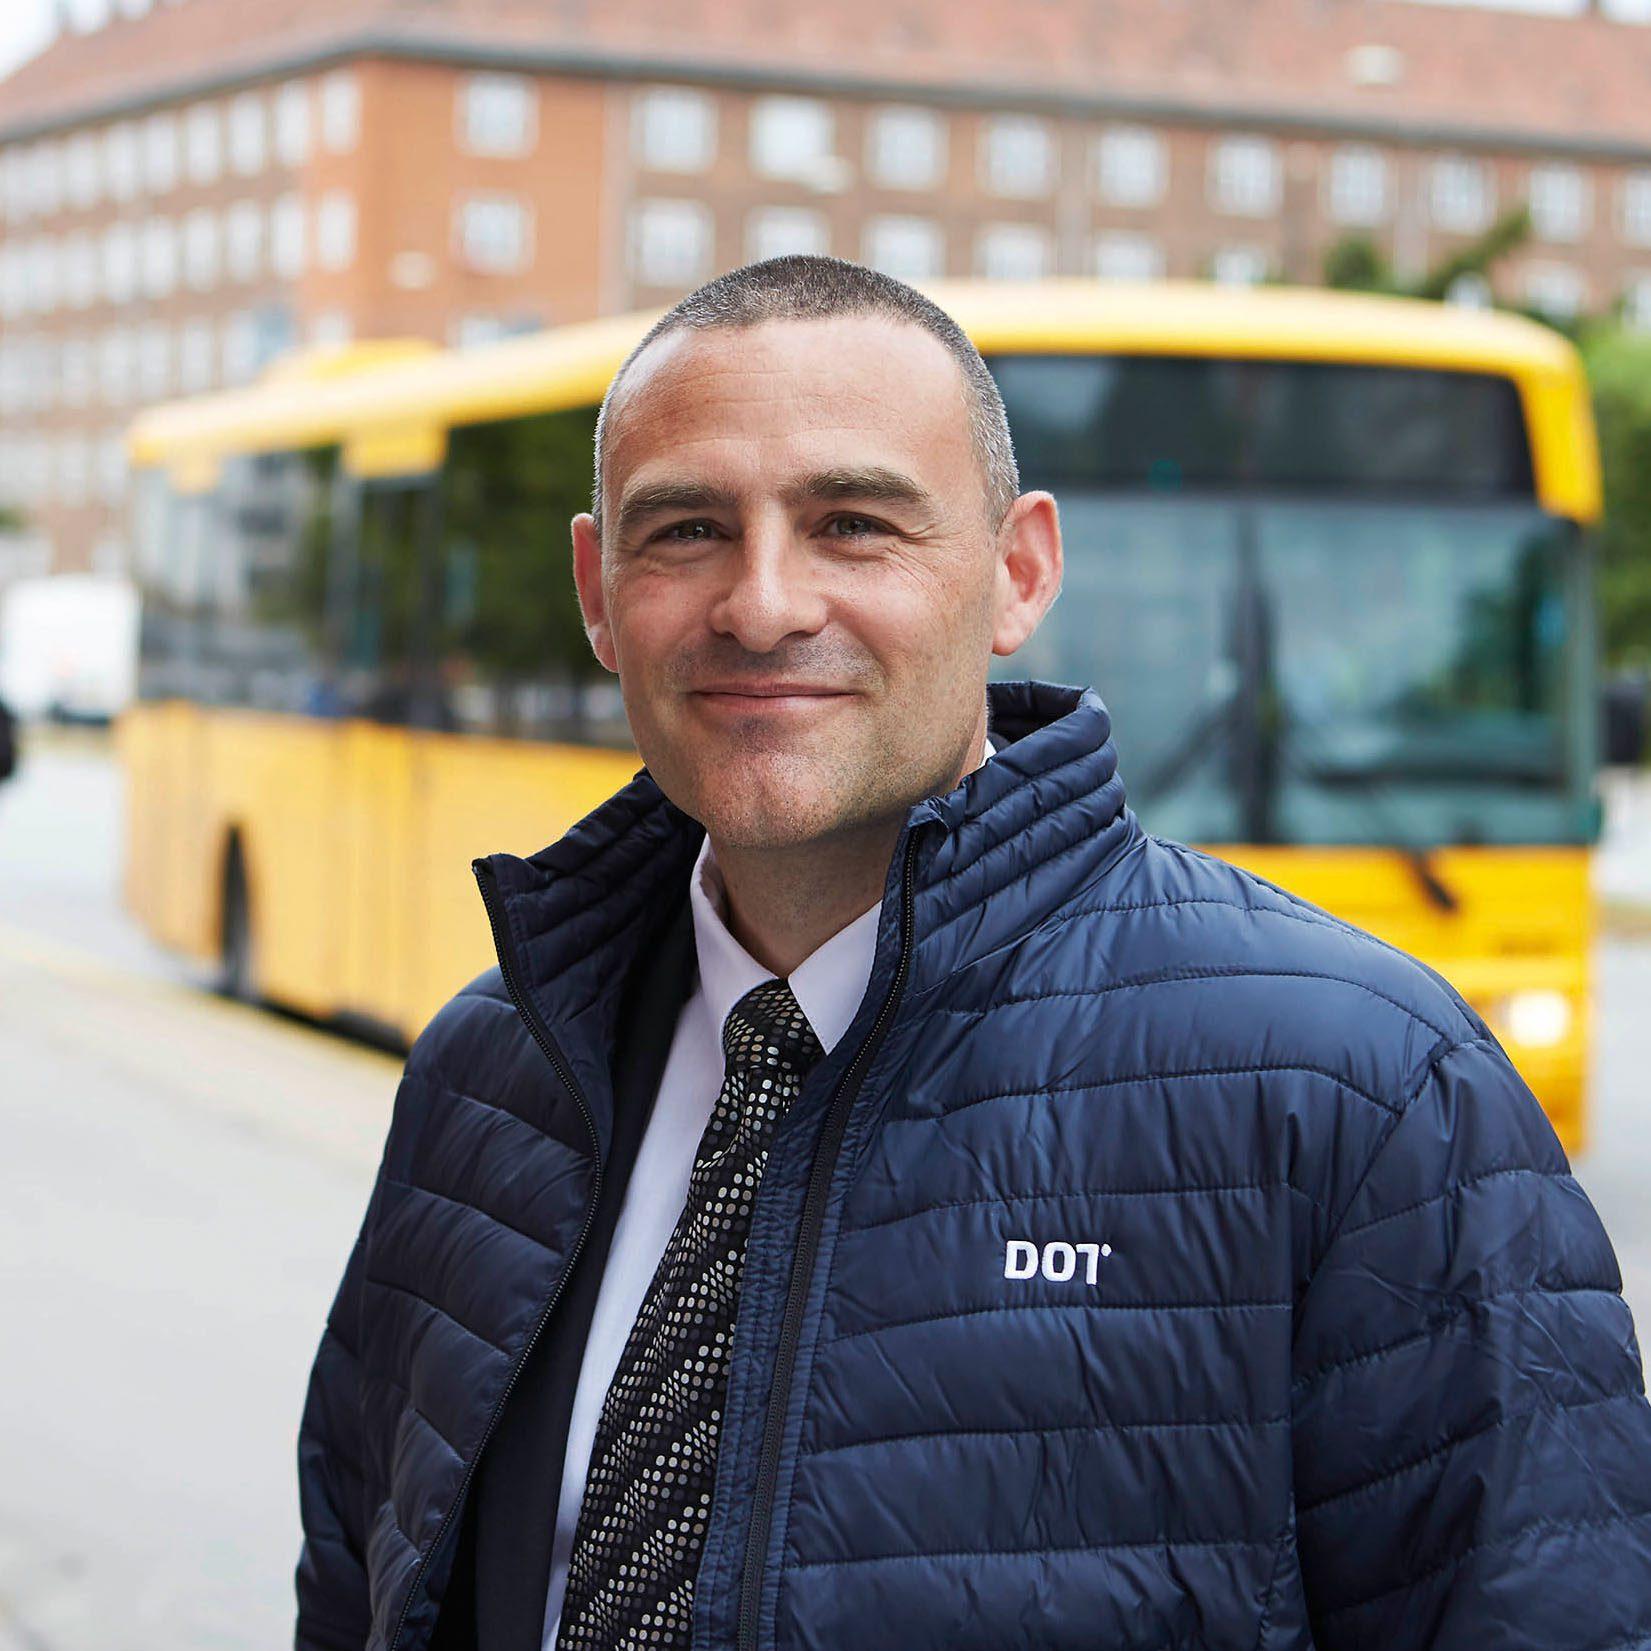 Offentlig transport er en vigtig forudsætning for den grønne omstilling og den hybride arbejdsplads